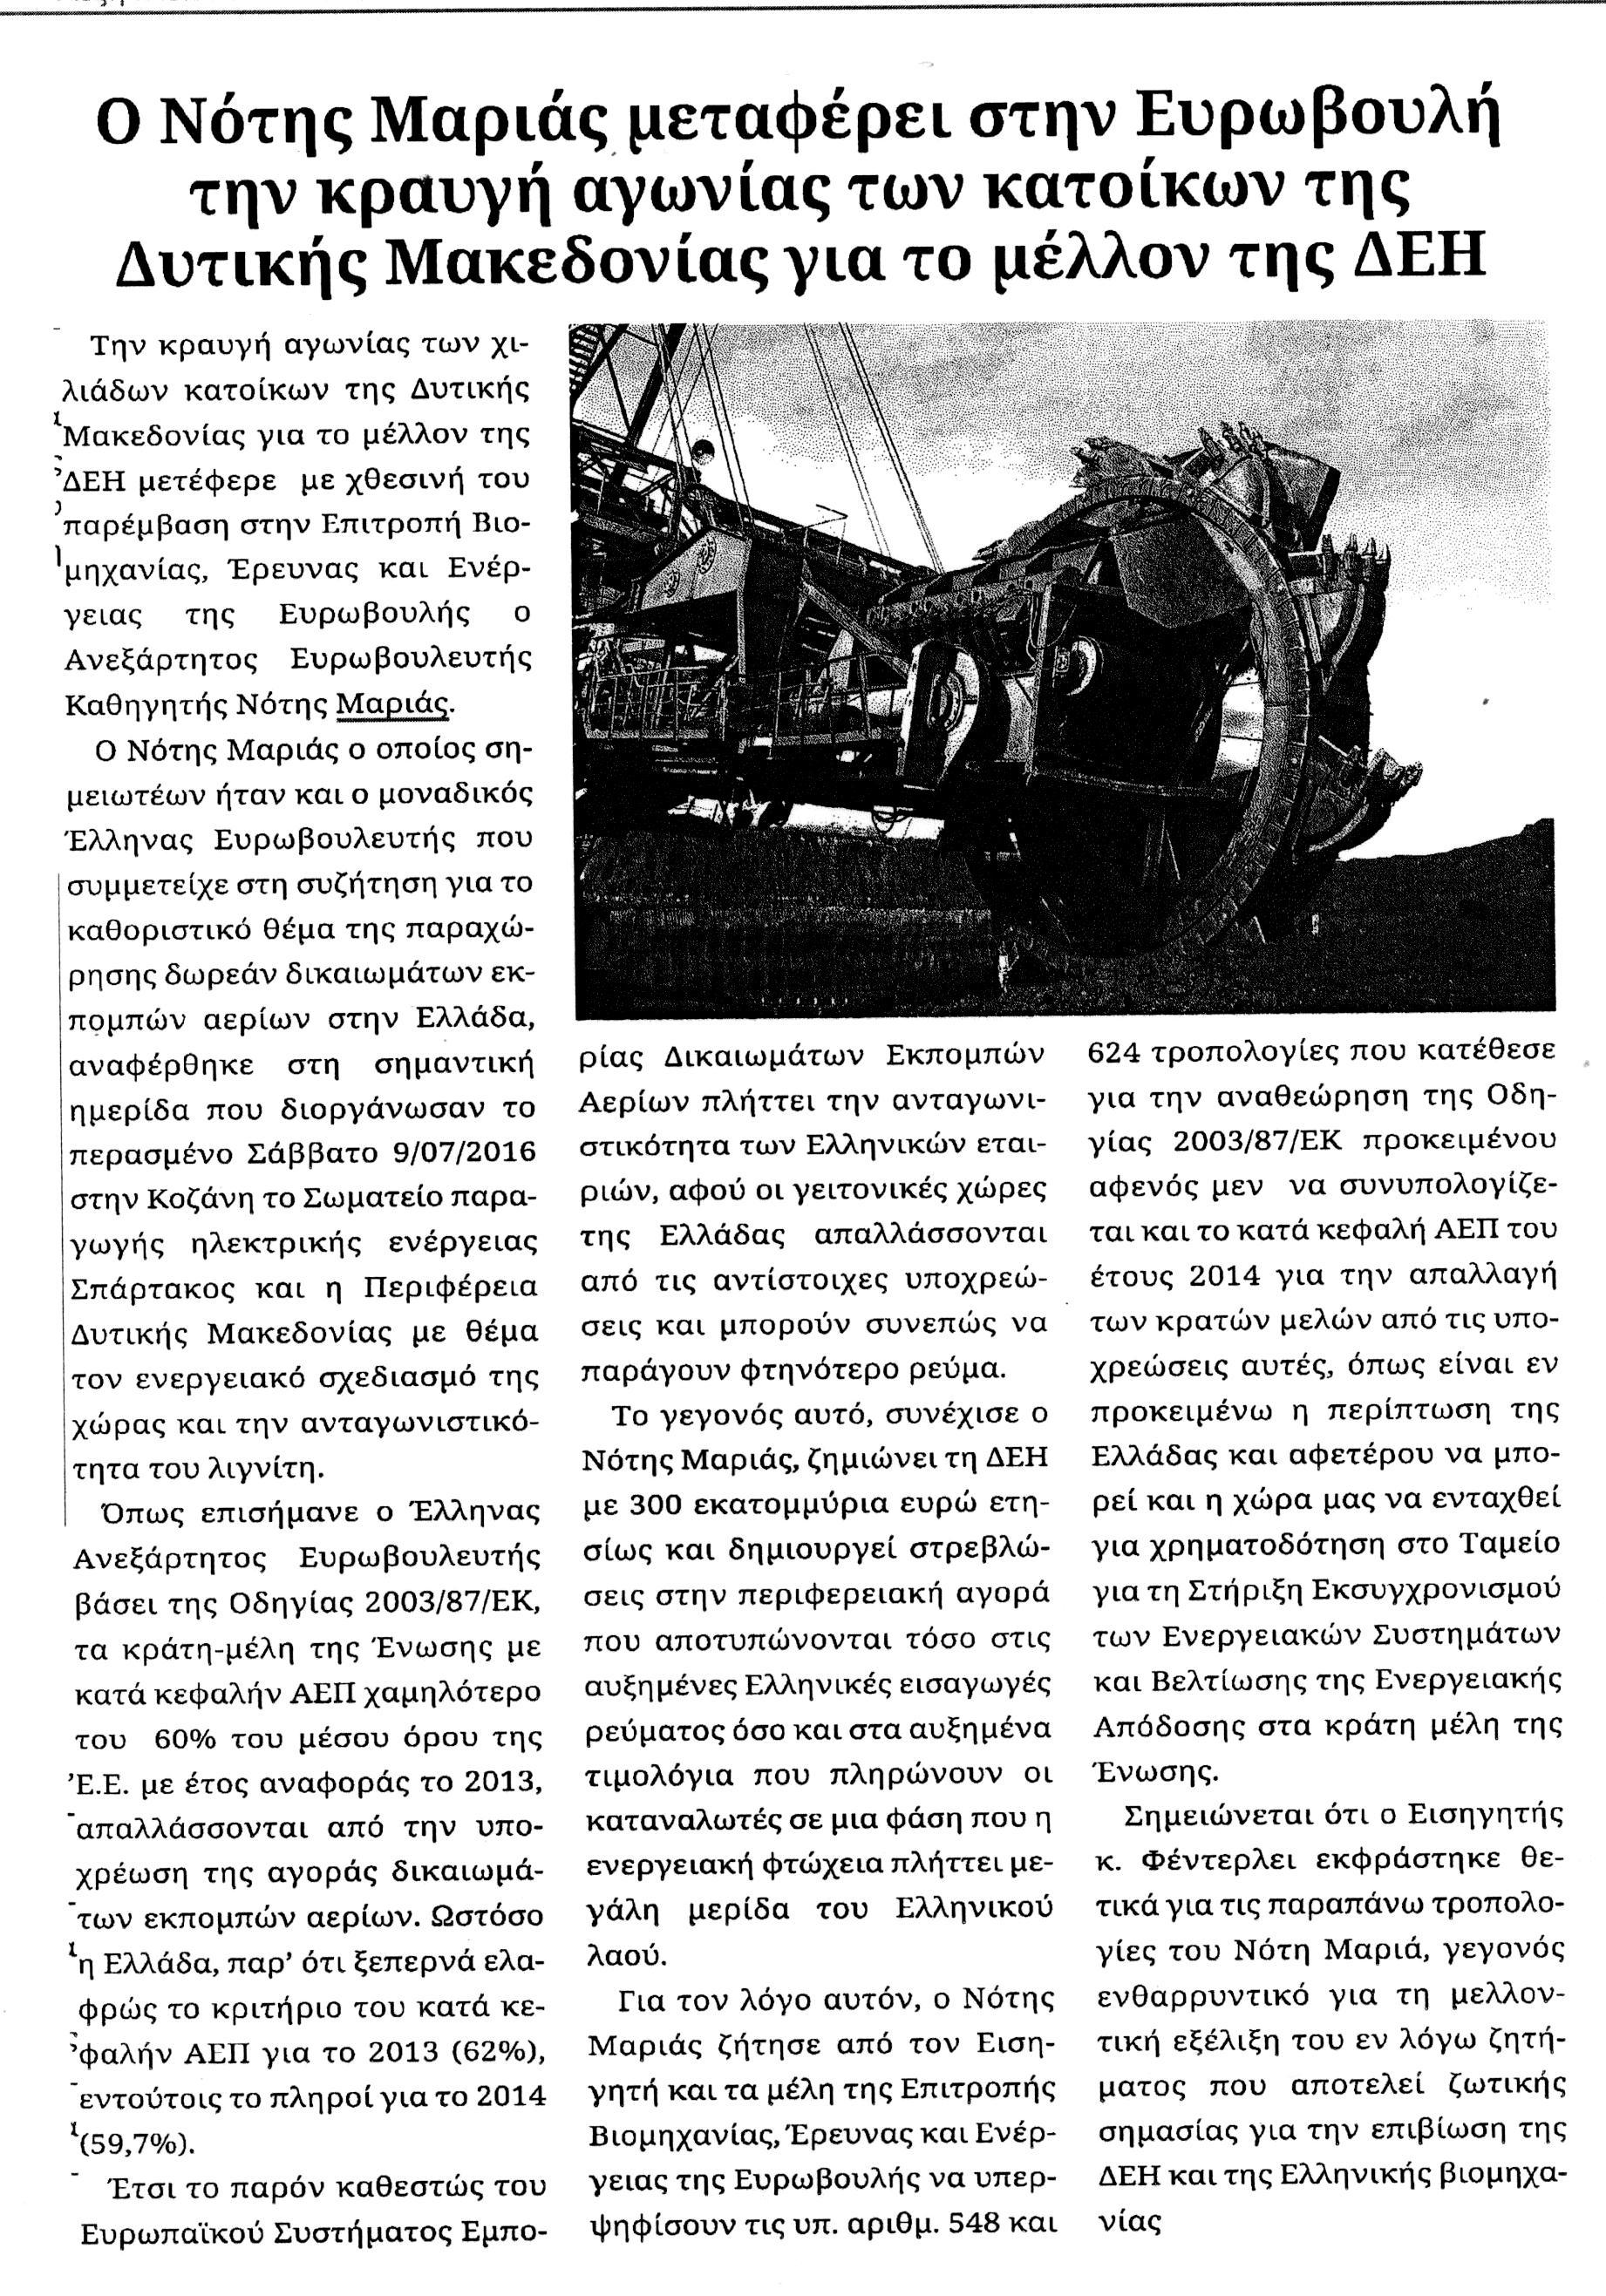 proinoslogos_ 14_07_16